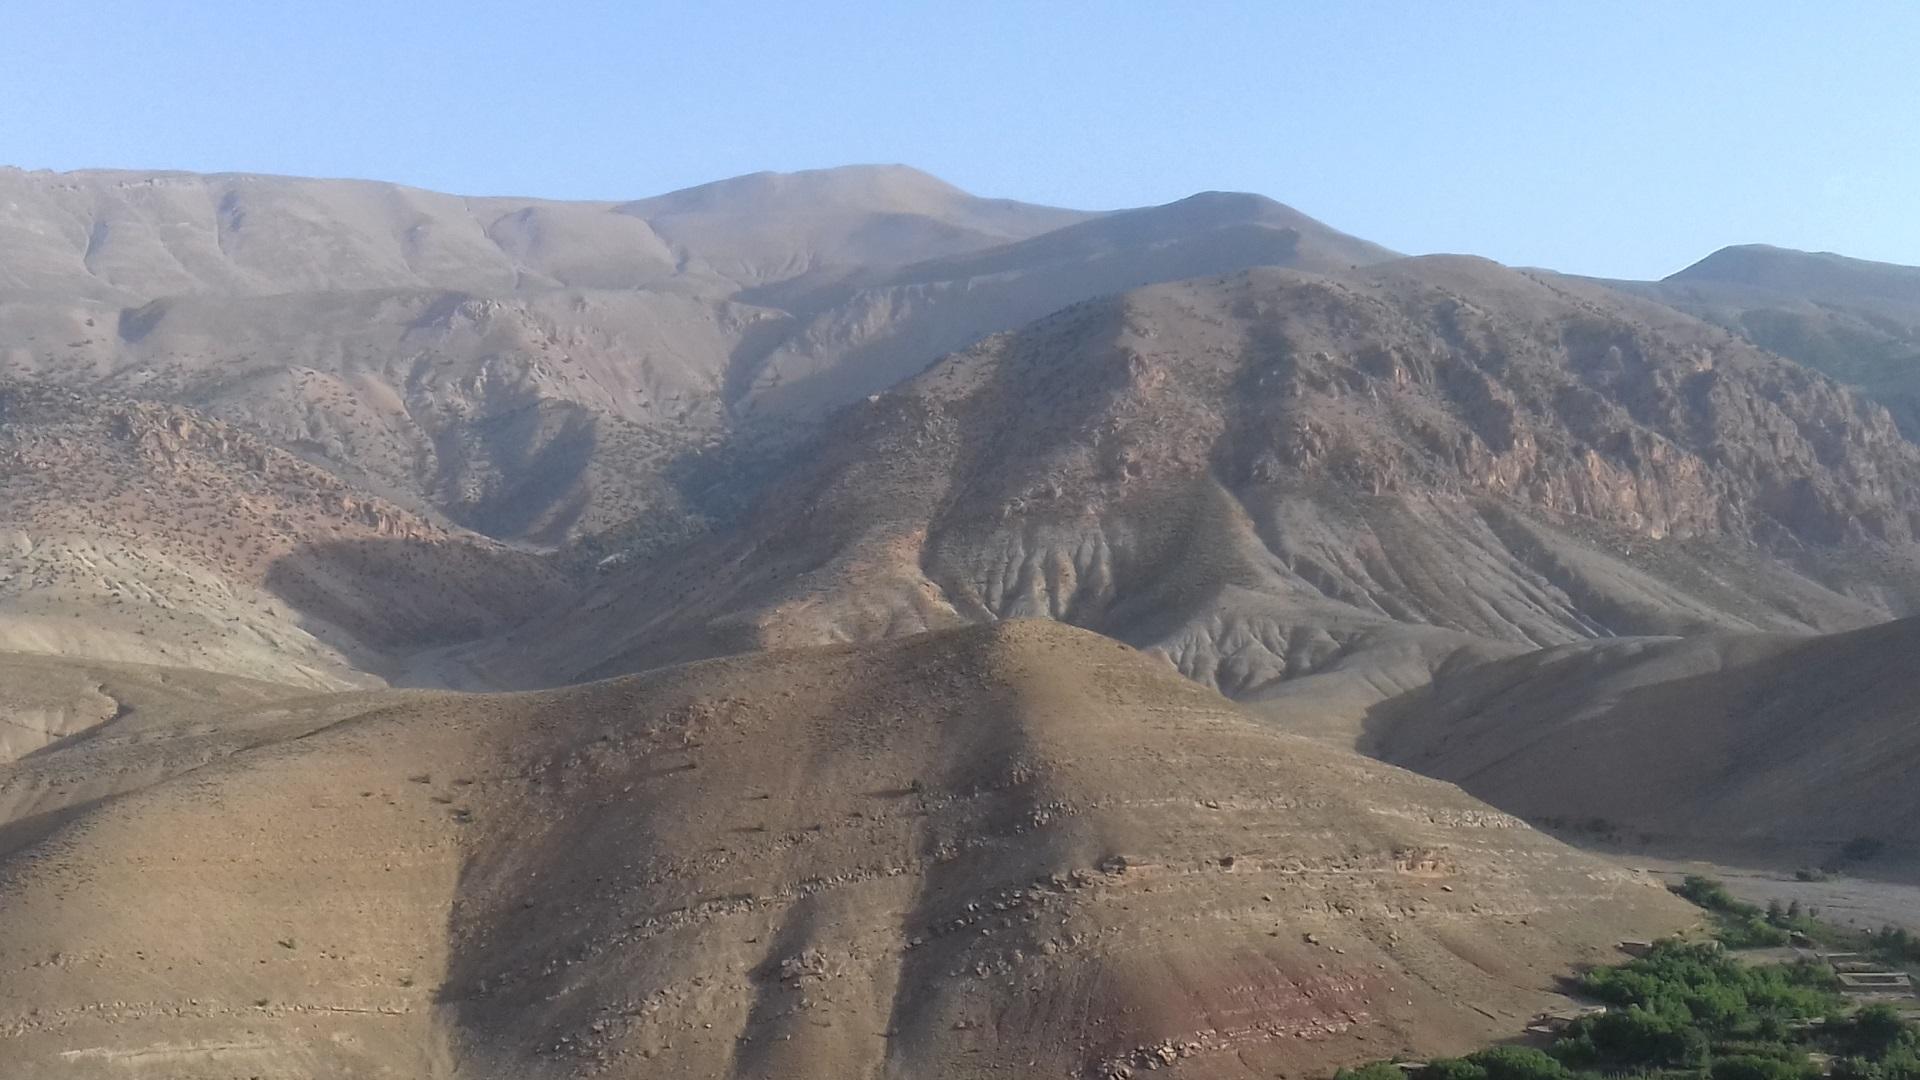 Visiter Aguerd N'Ouzrou - Maroc